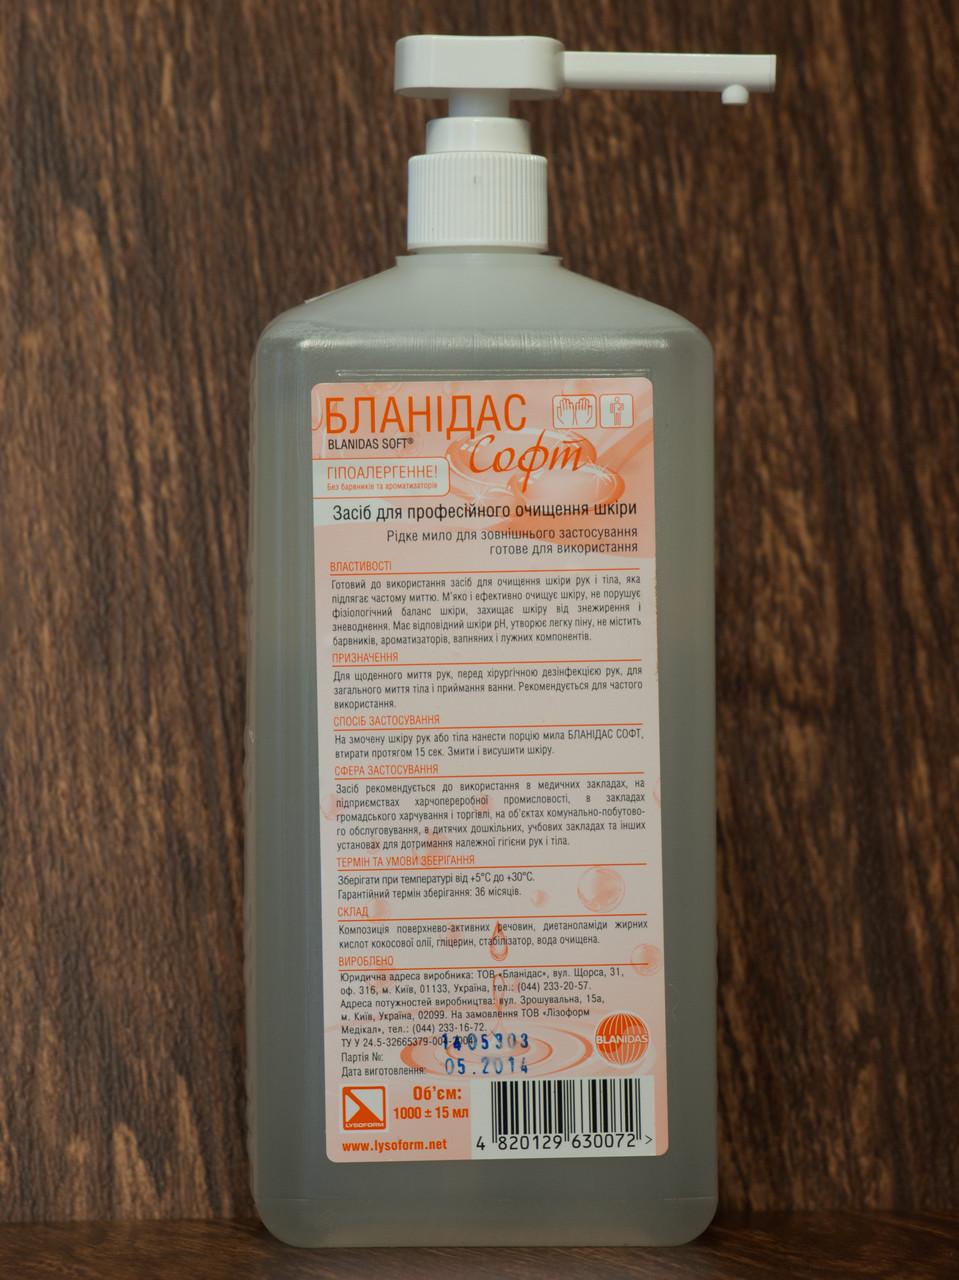 Бланидас софт жидкое мыло, 1 л